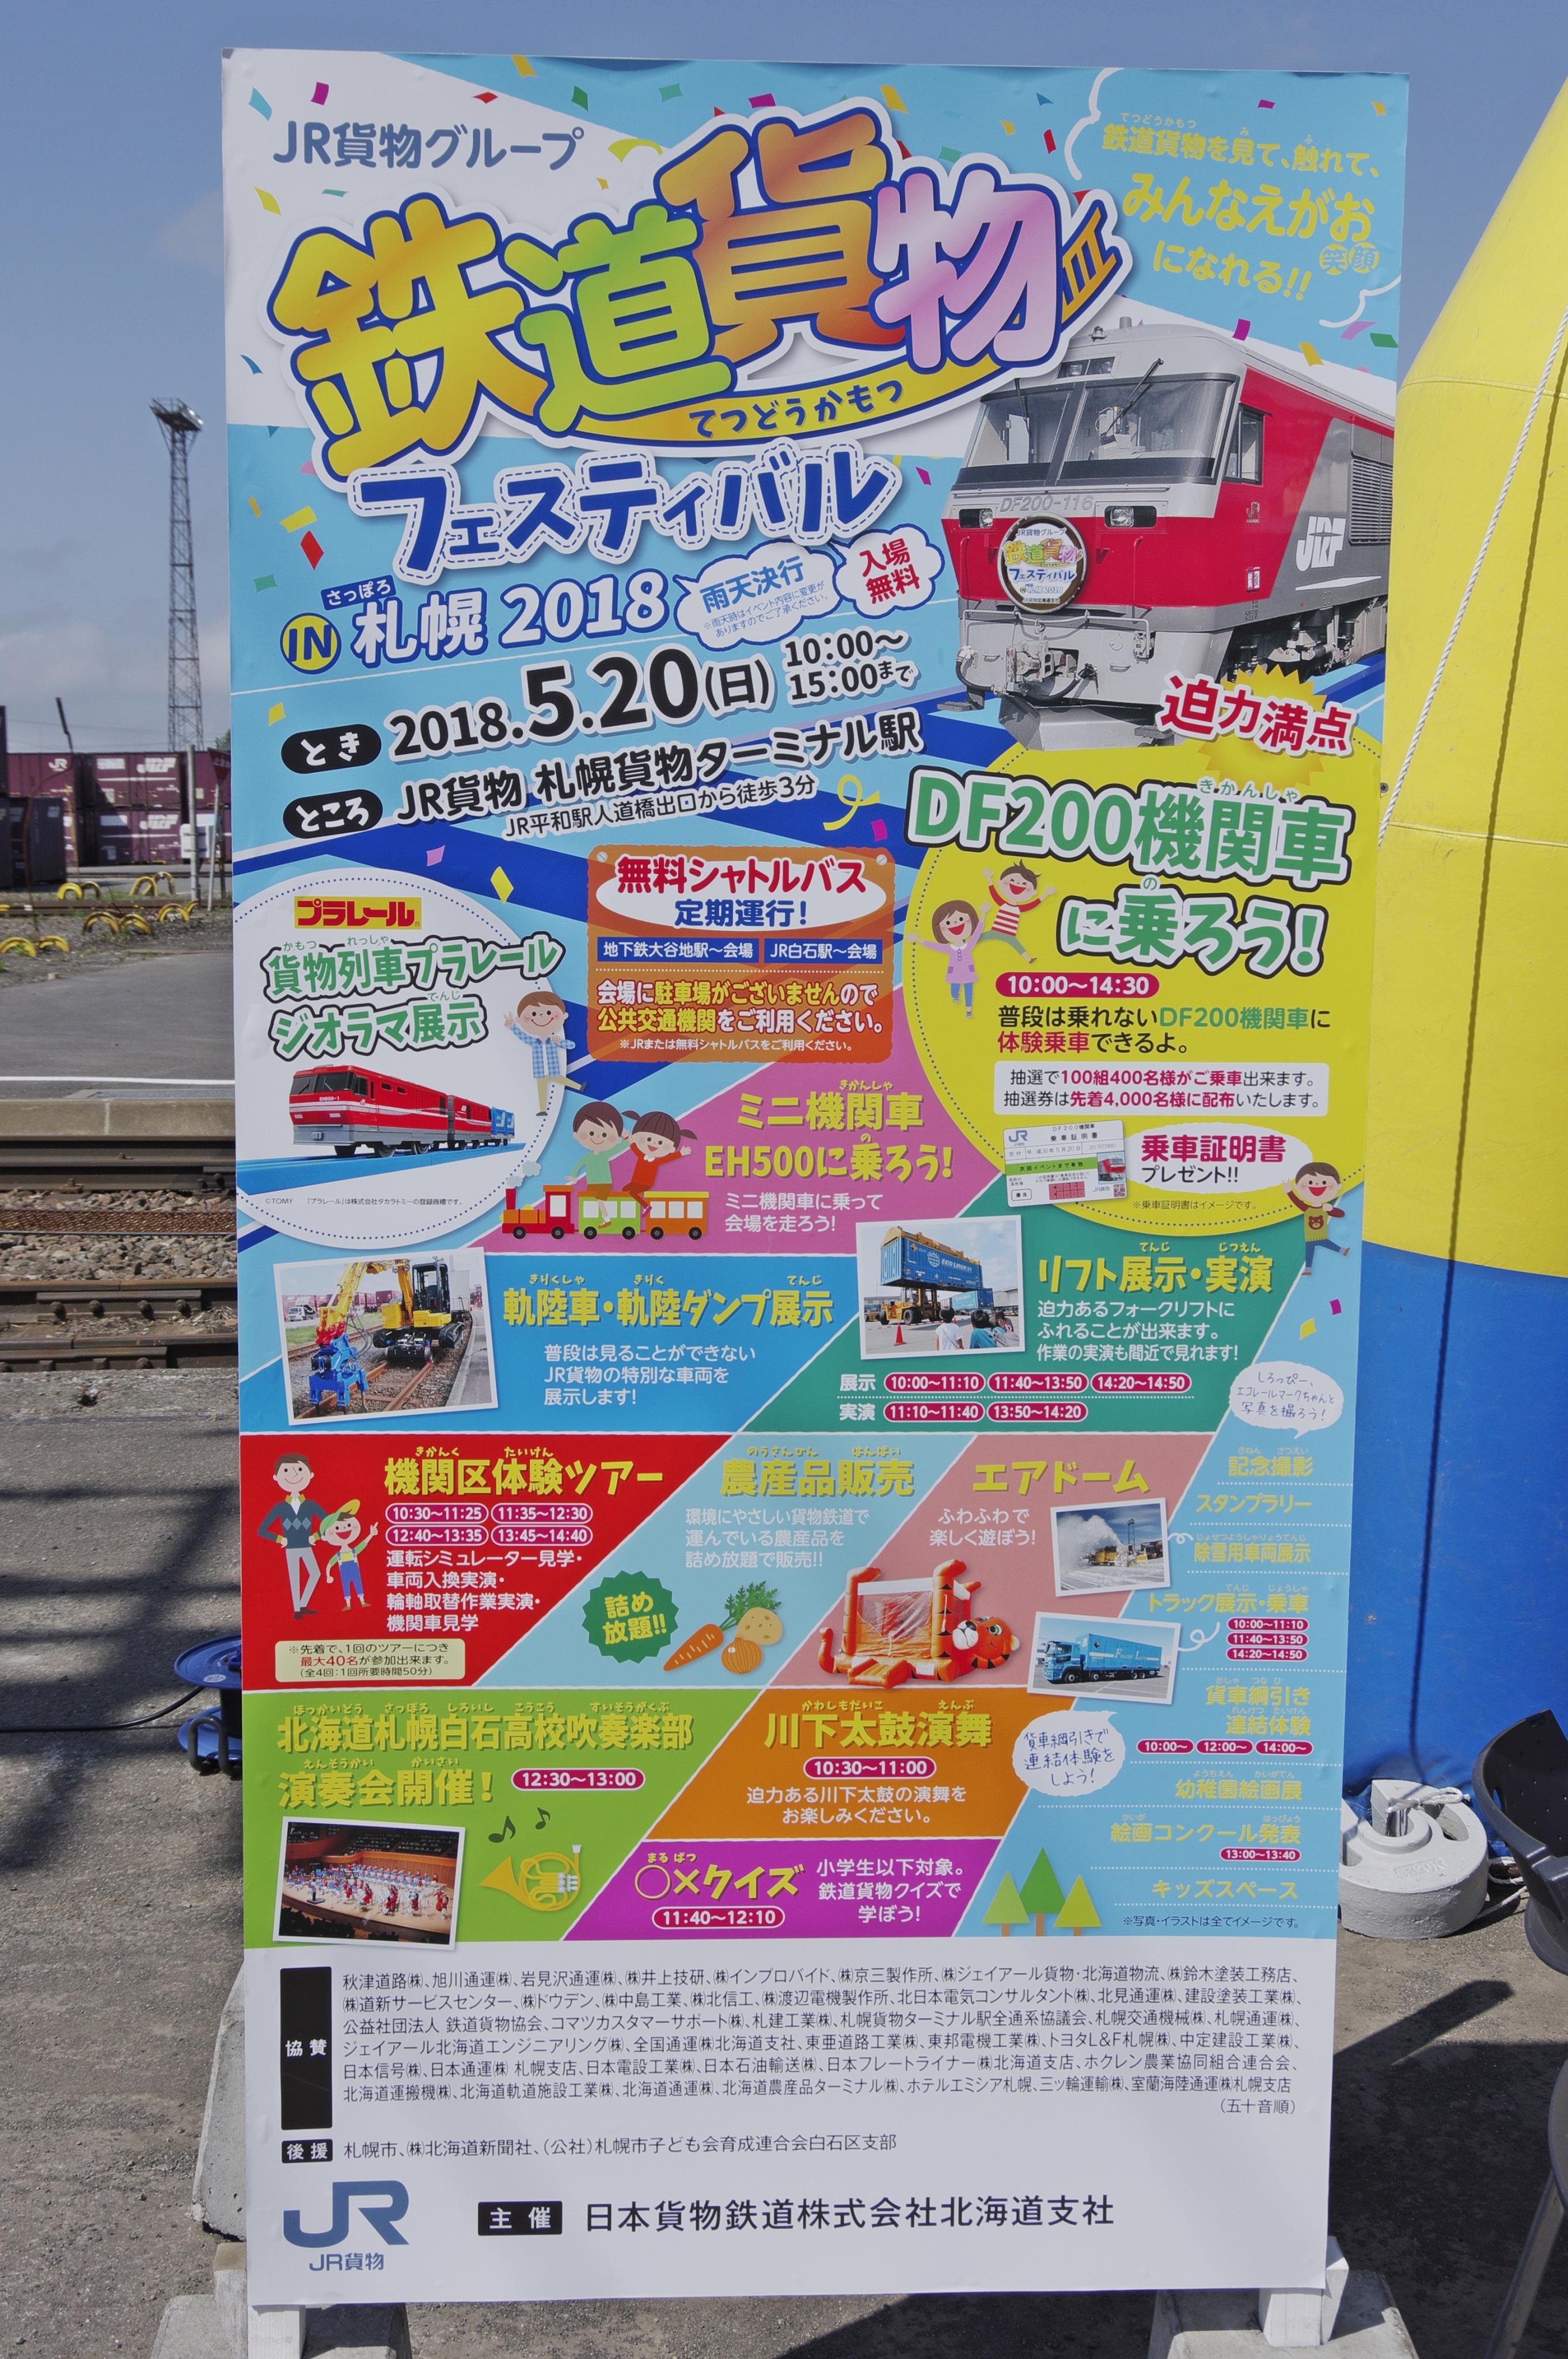 鉄道貨物フェスティバル2018in札幌 立て看板_180520.jpg